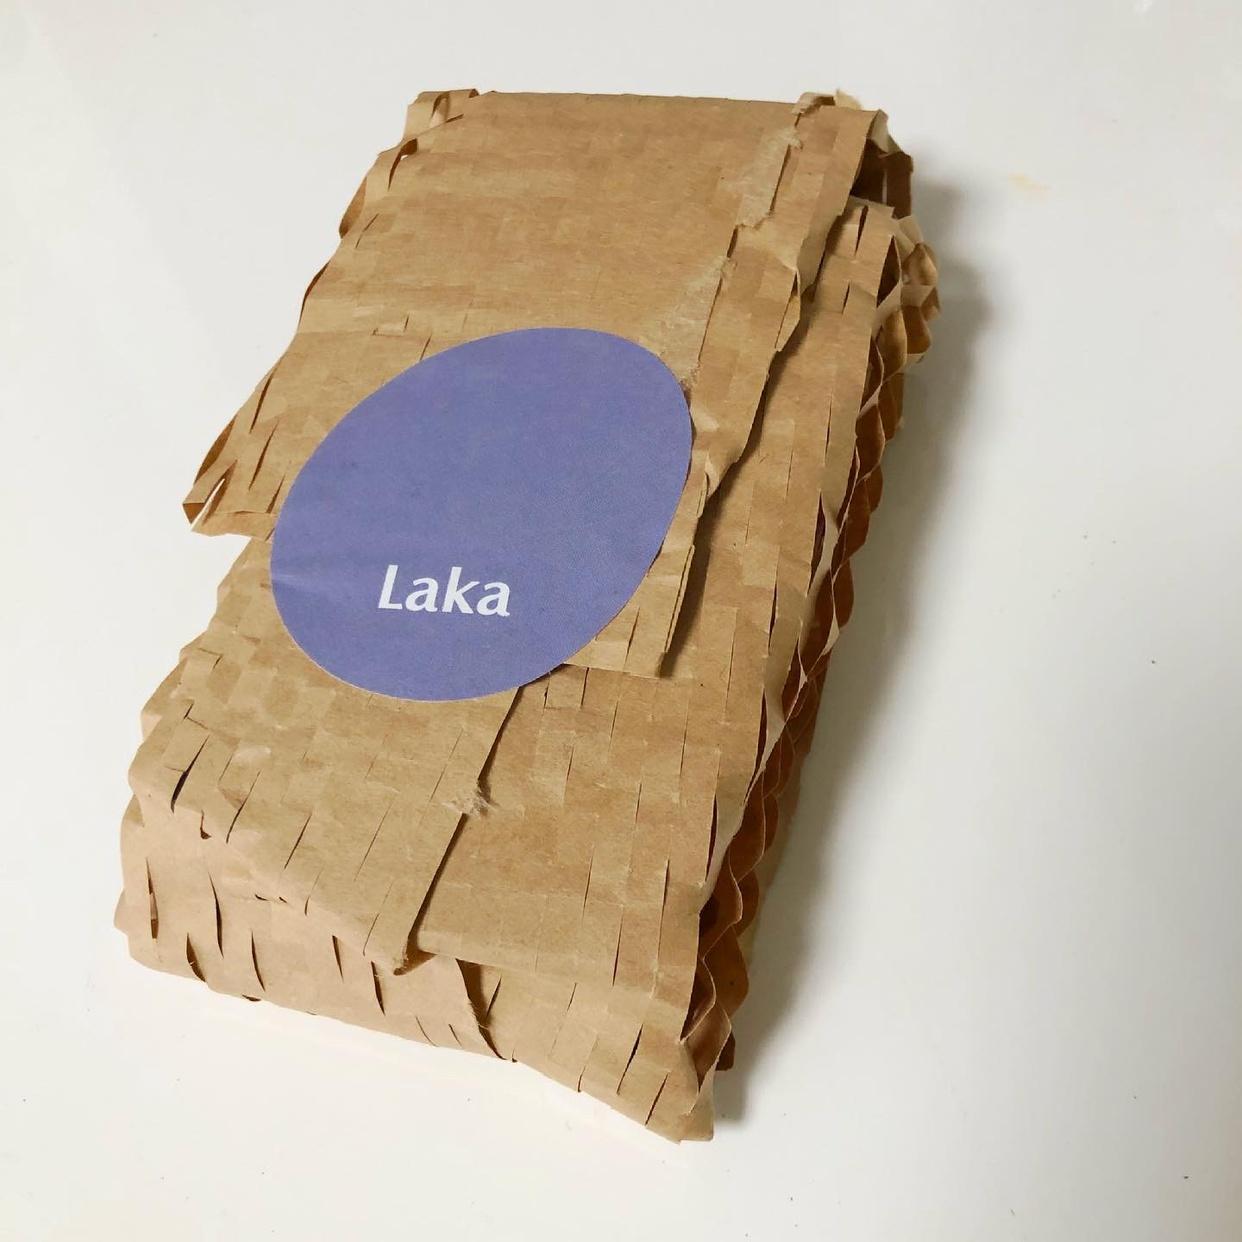 LAKA(ラカ)ソウル ヴィーガンリップバームを使ったぴさんのクチコミ画像3